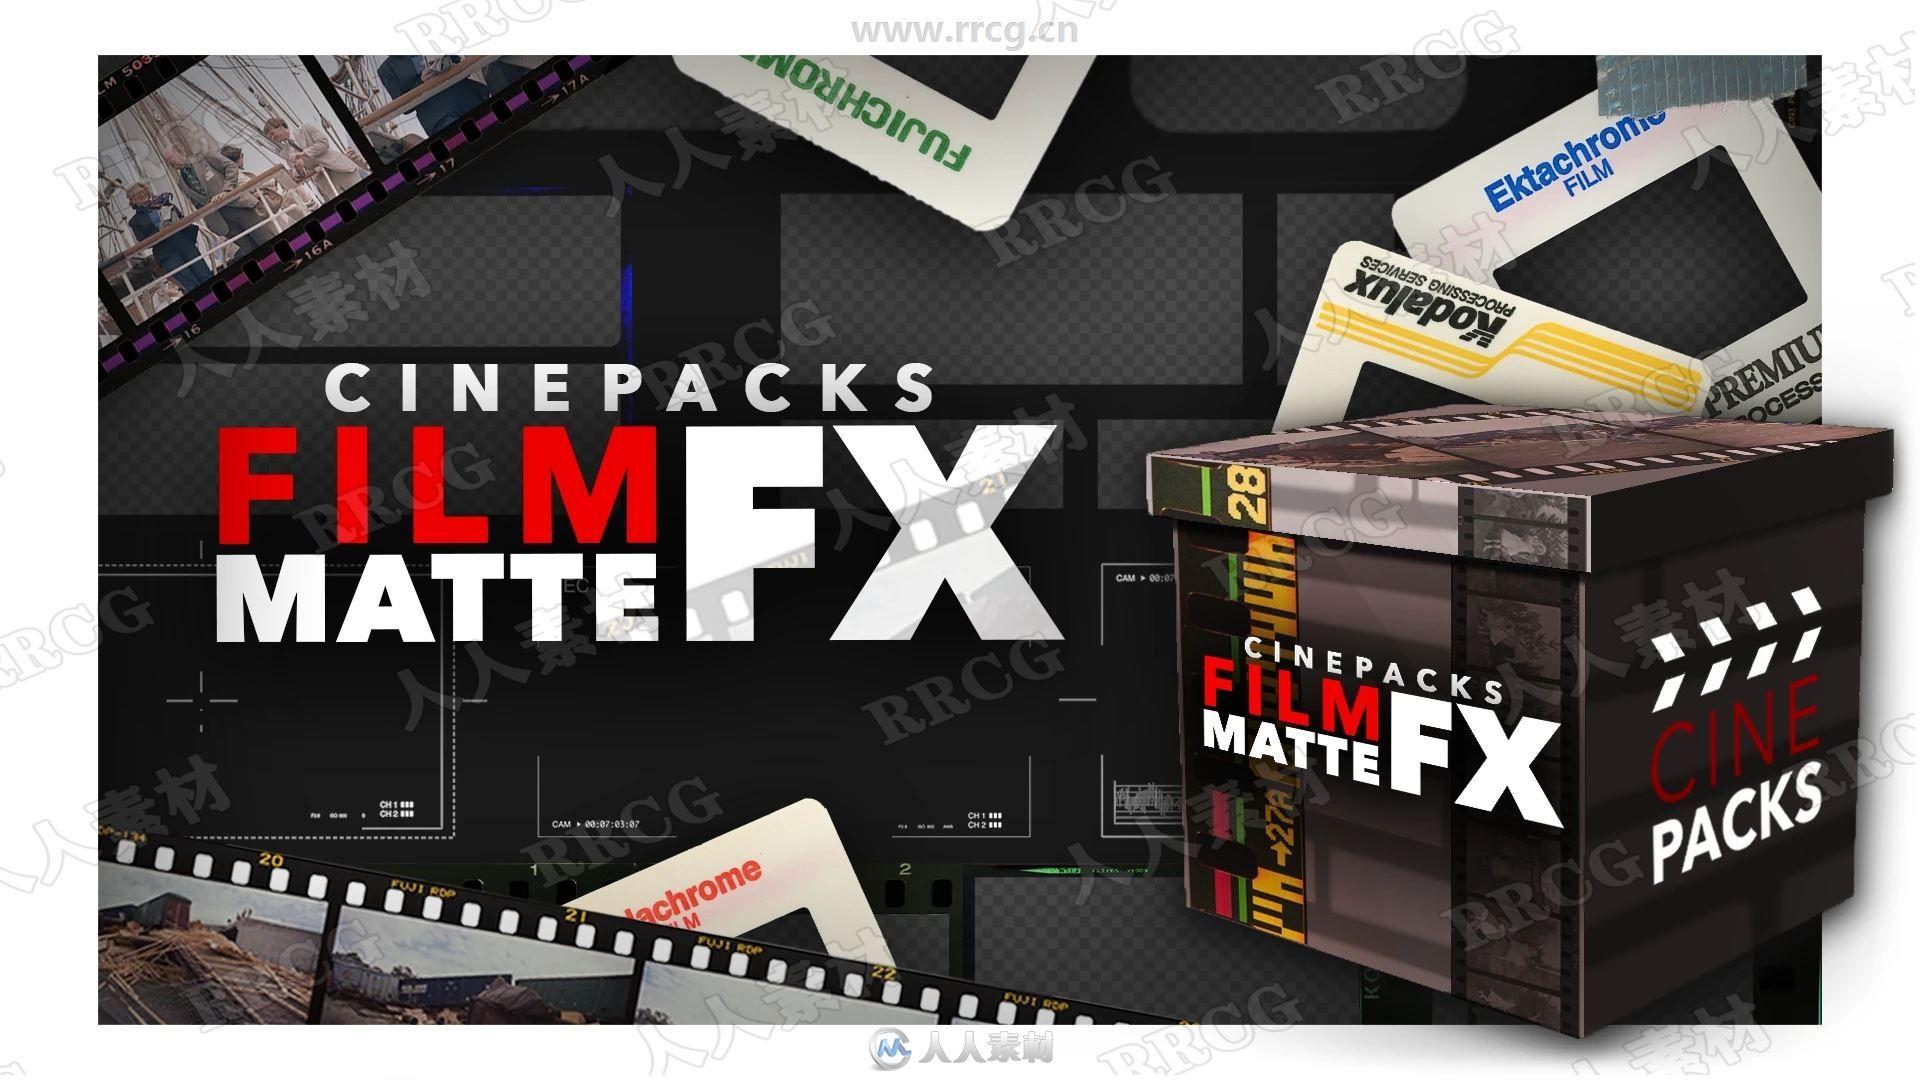 200组影视级电影胶片质感遮罩等相关4K高清视频素材合集